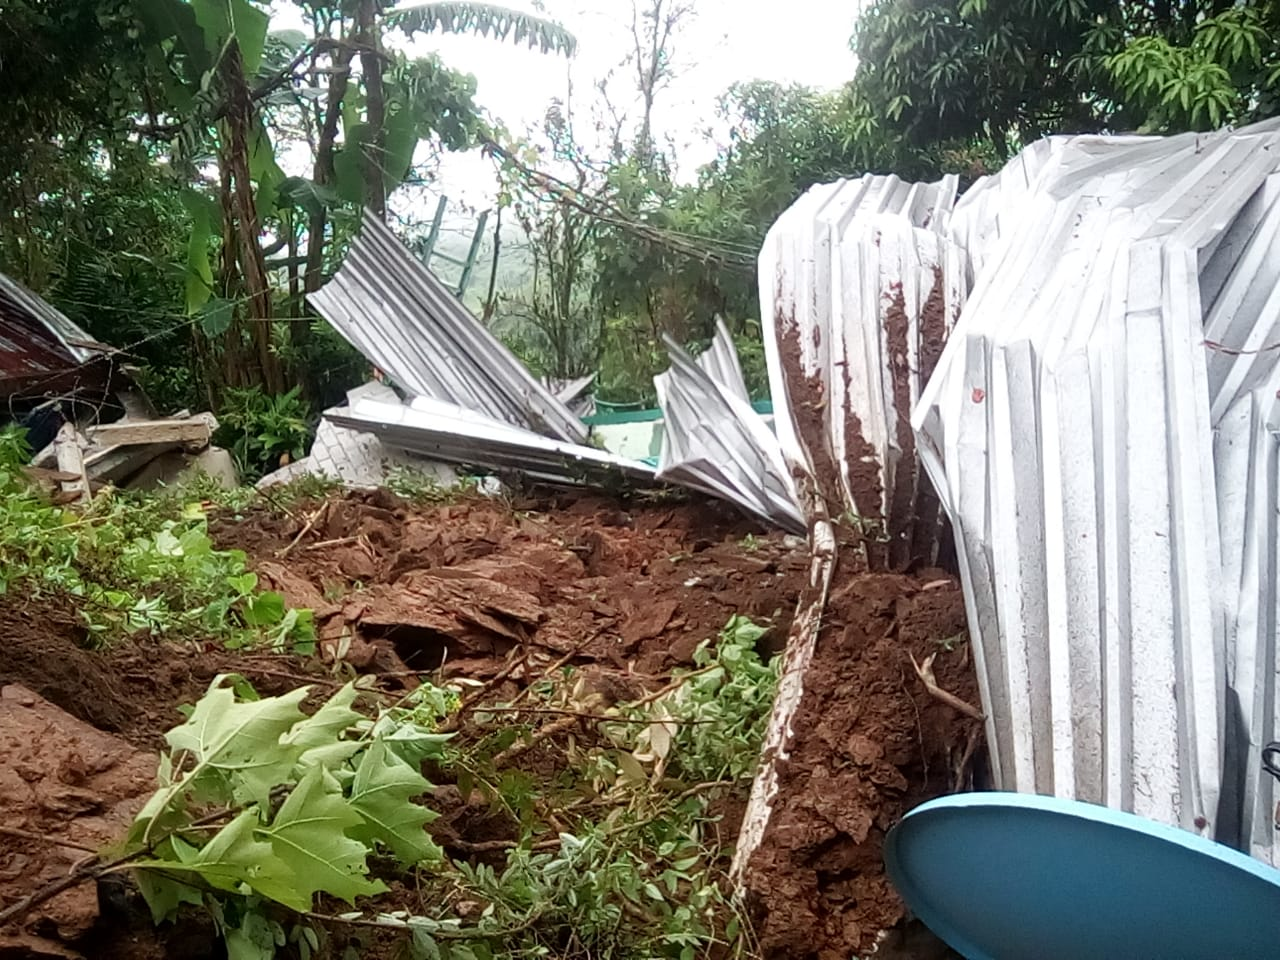 Daños por deslizamiento de ladera en Choapam, ya es atendido: CEPCO